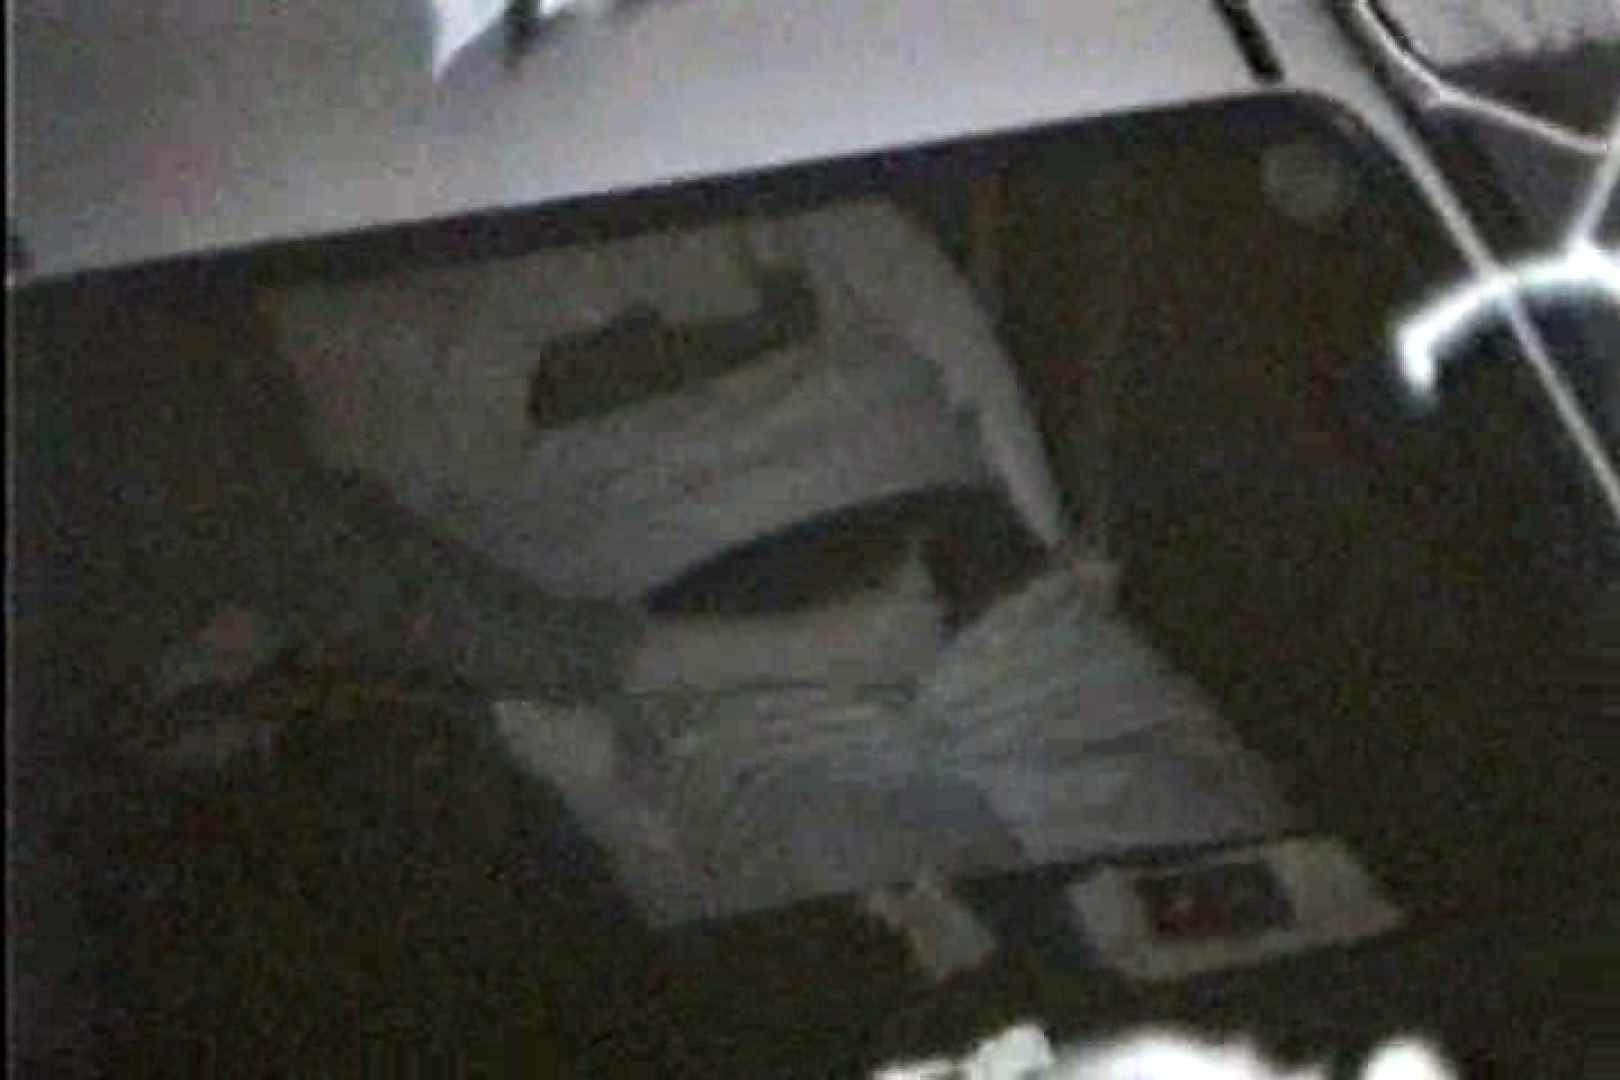 車の中はラブホテル 無修正版  Vol.8 ラブホテル 盗撮動画紹介 68連発 39